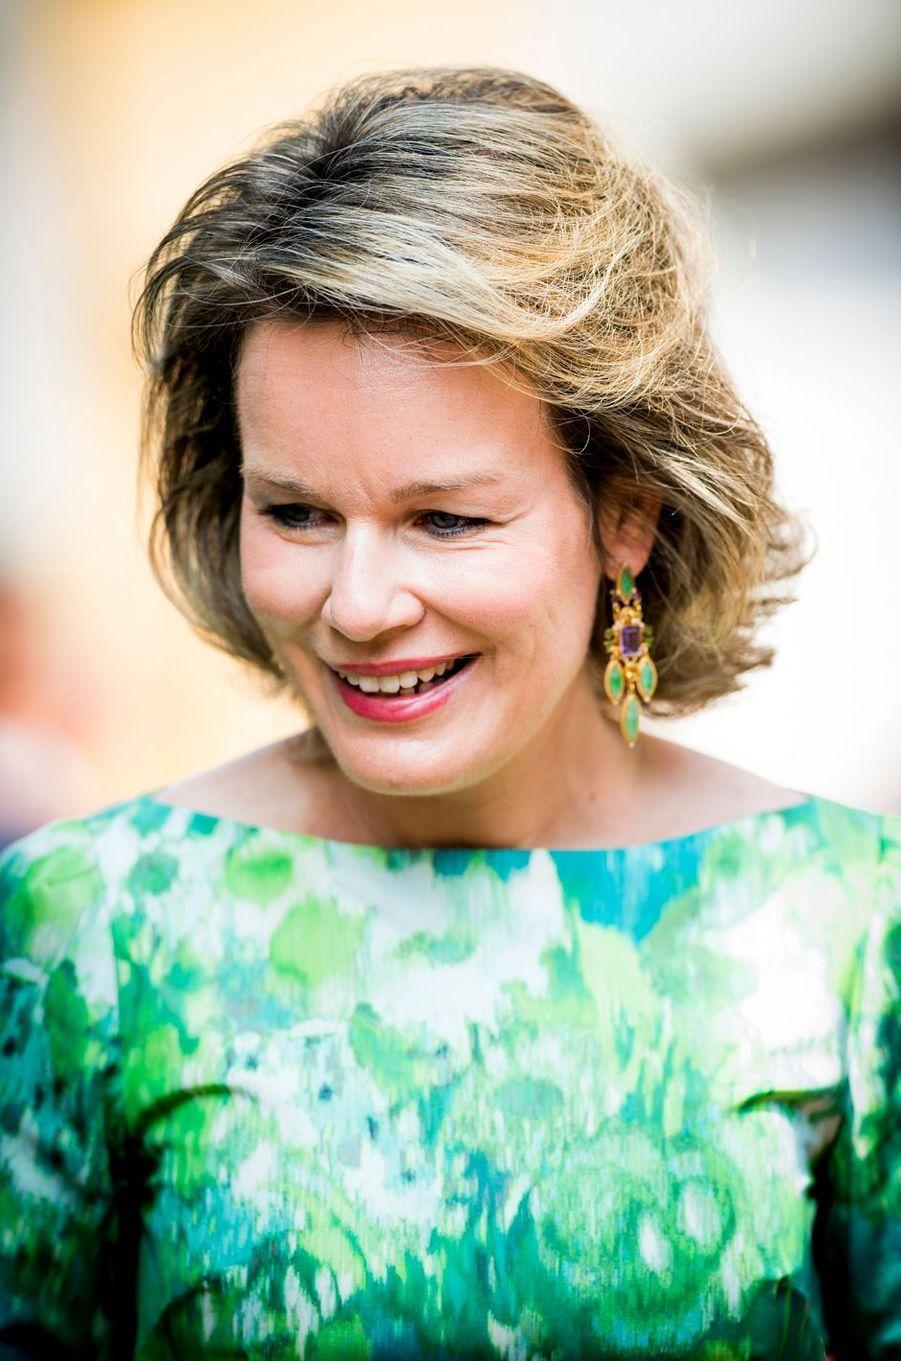 La reine Mathilde de Belgique à Sint-Amands, le 6 juin 2016